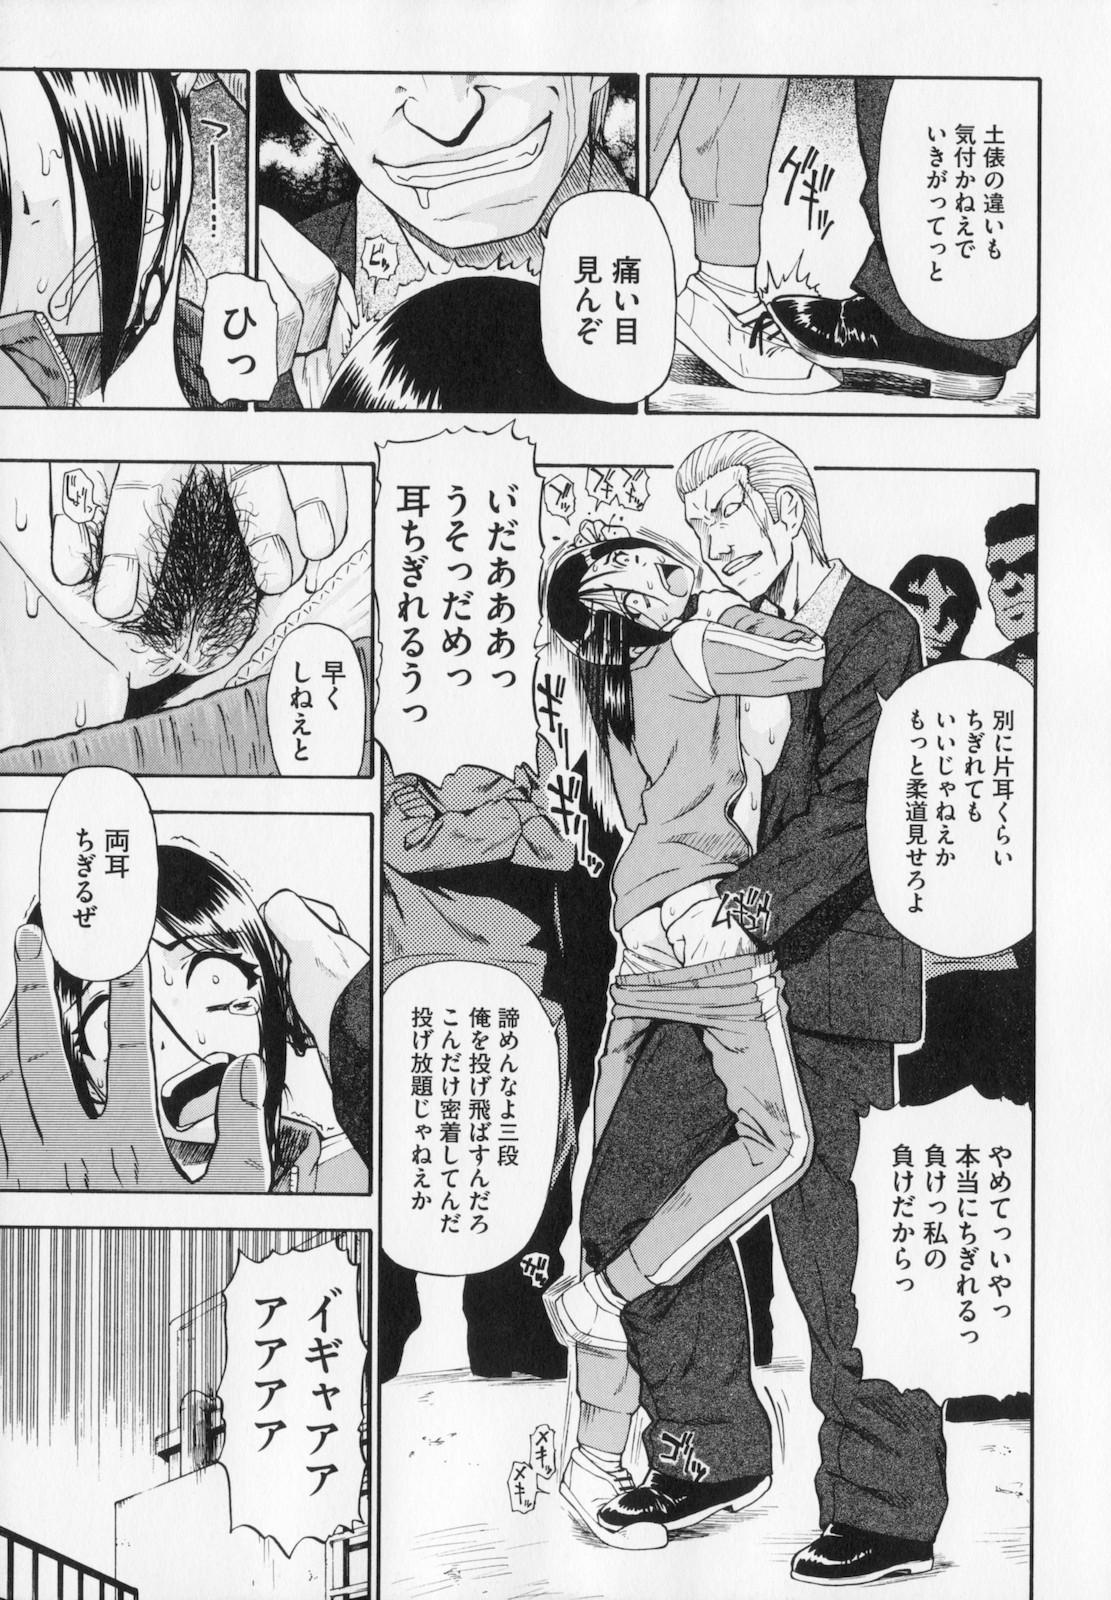 Hitodenashi no Utage - Veranstaltungsräume von Brute 10